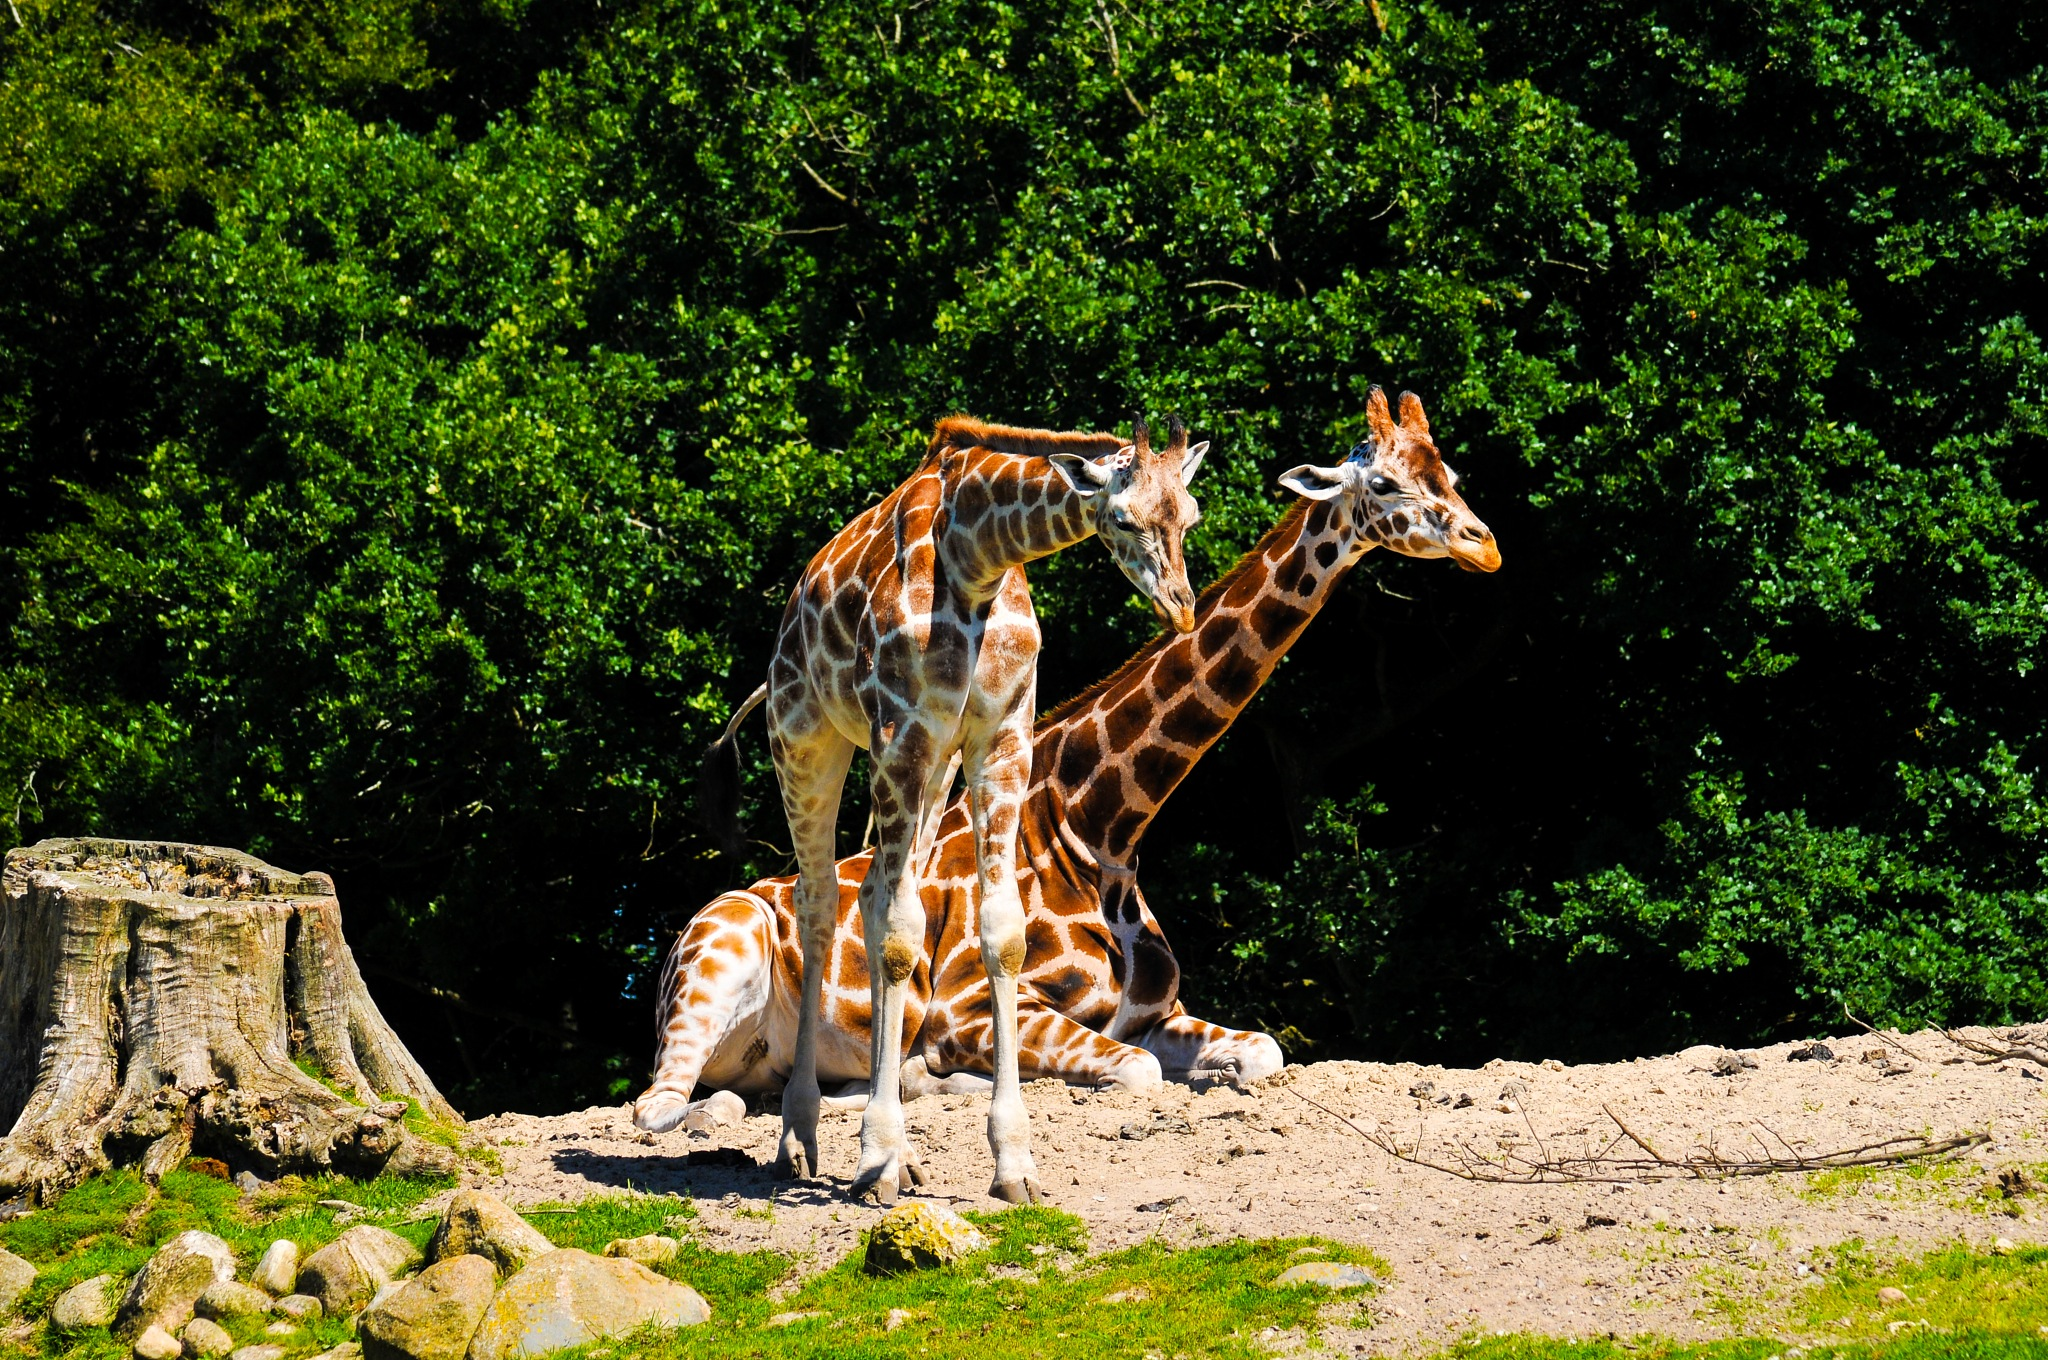 Two giraffes by Steen Skov